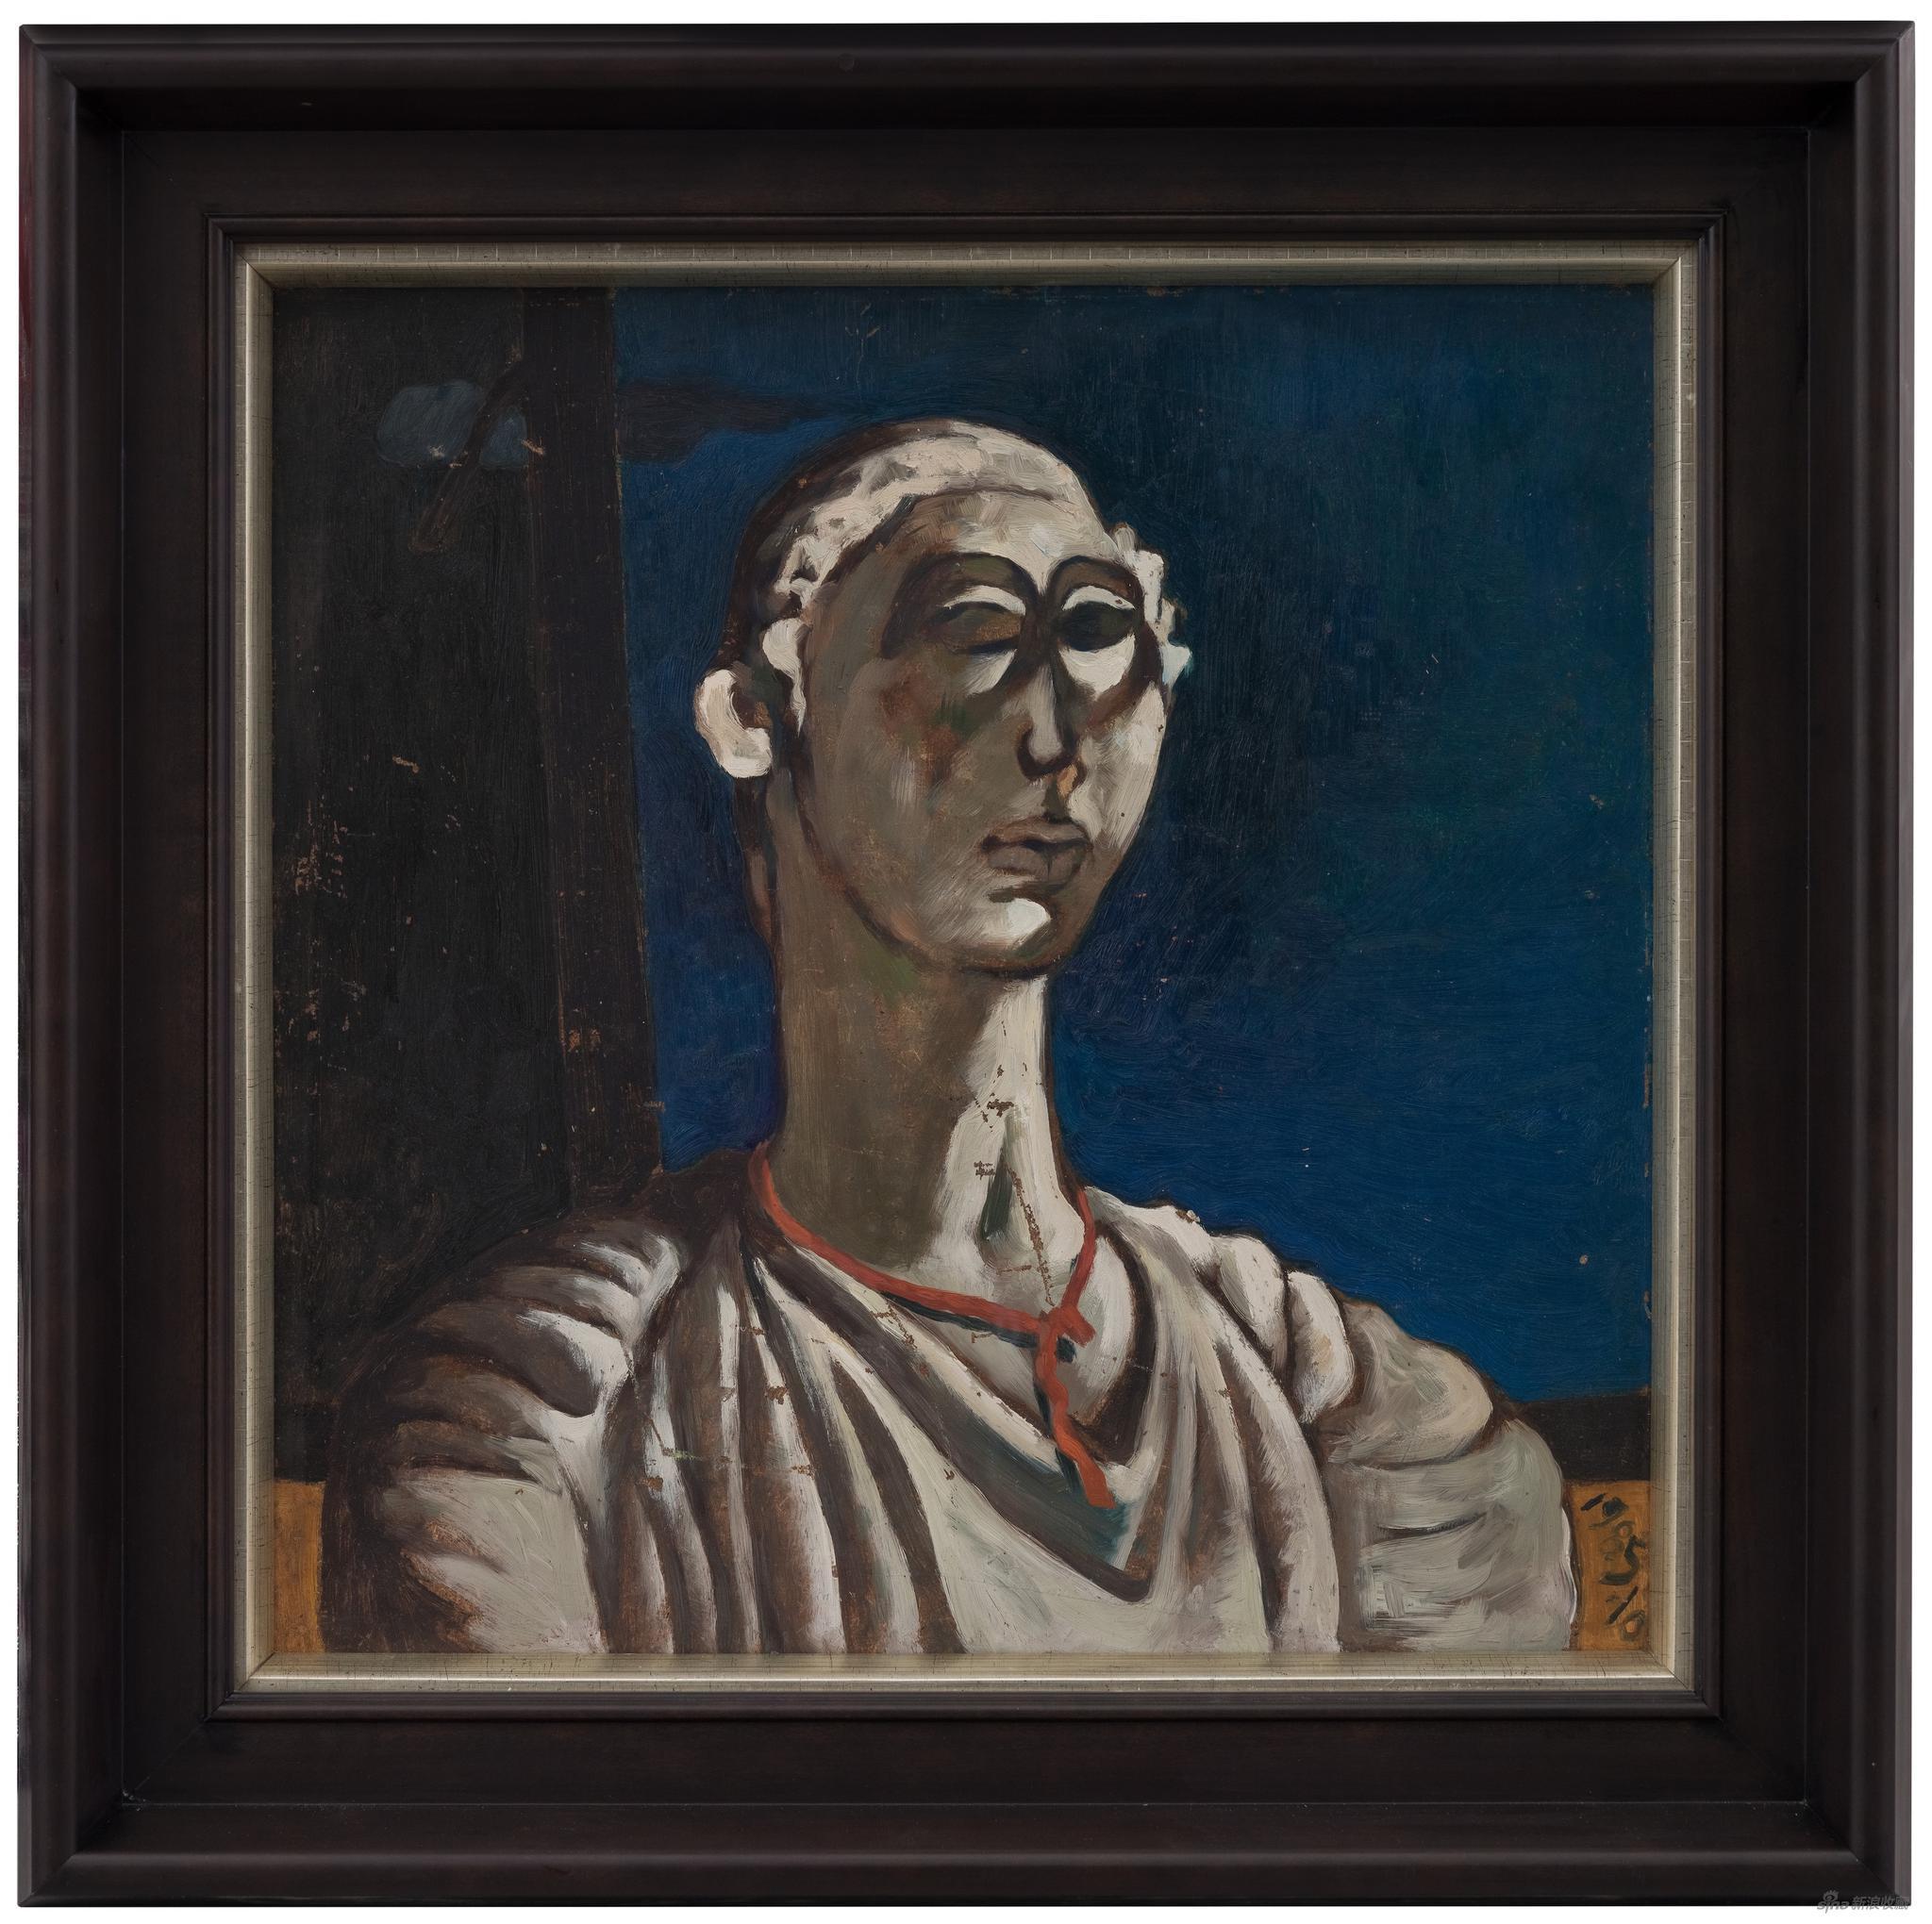 《无题》,布面丙烯,50 x 50 cm,1985